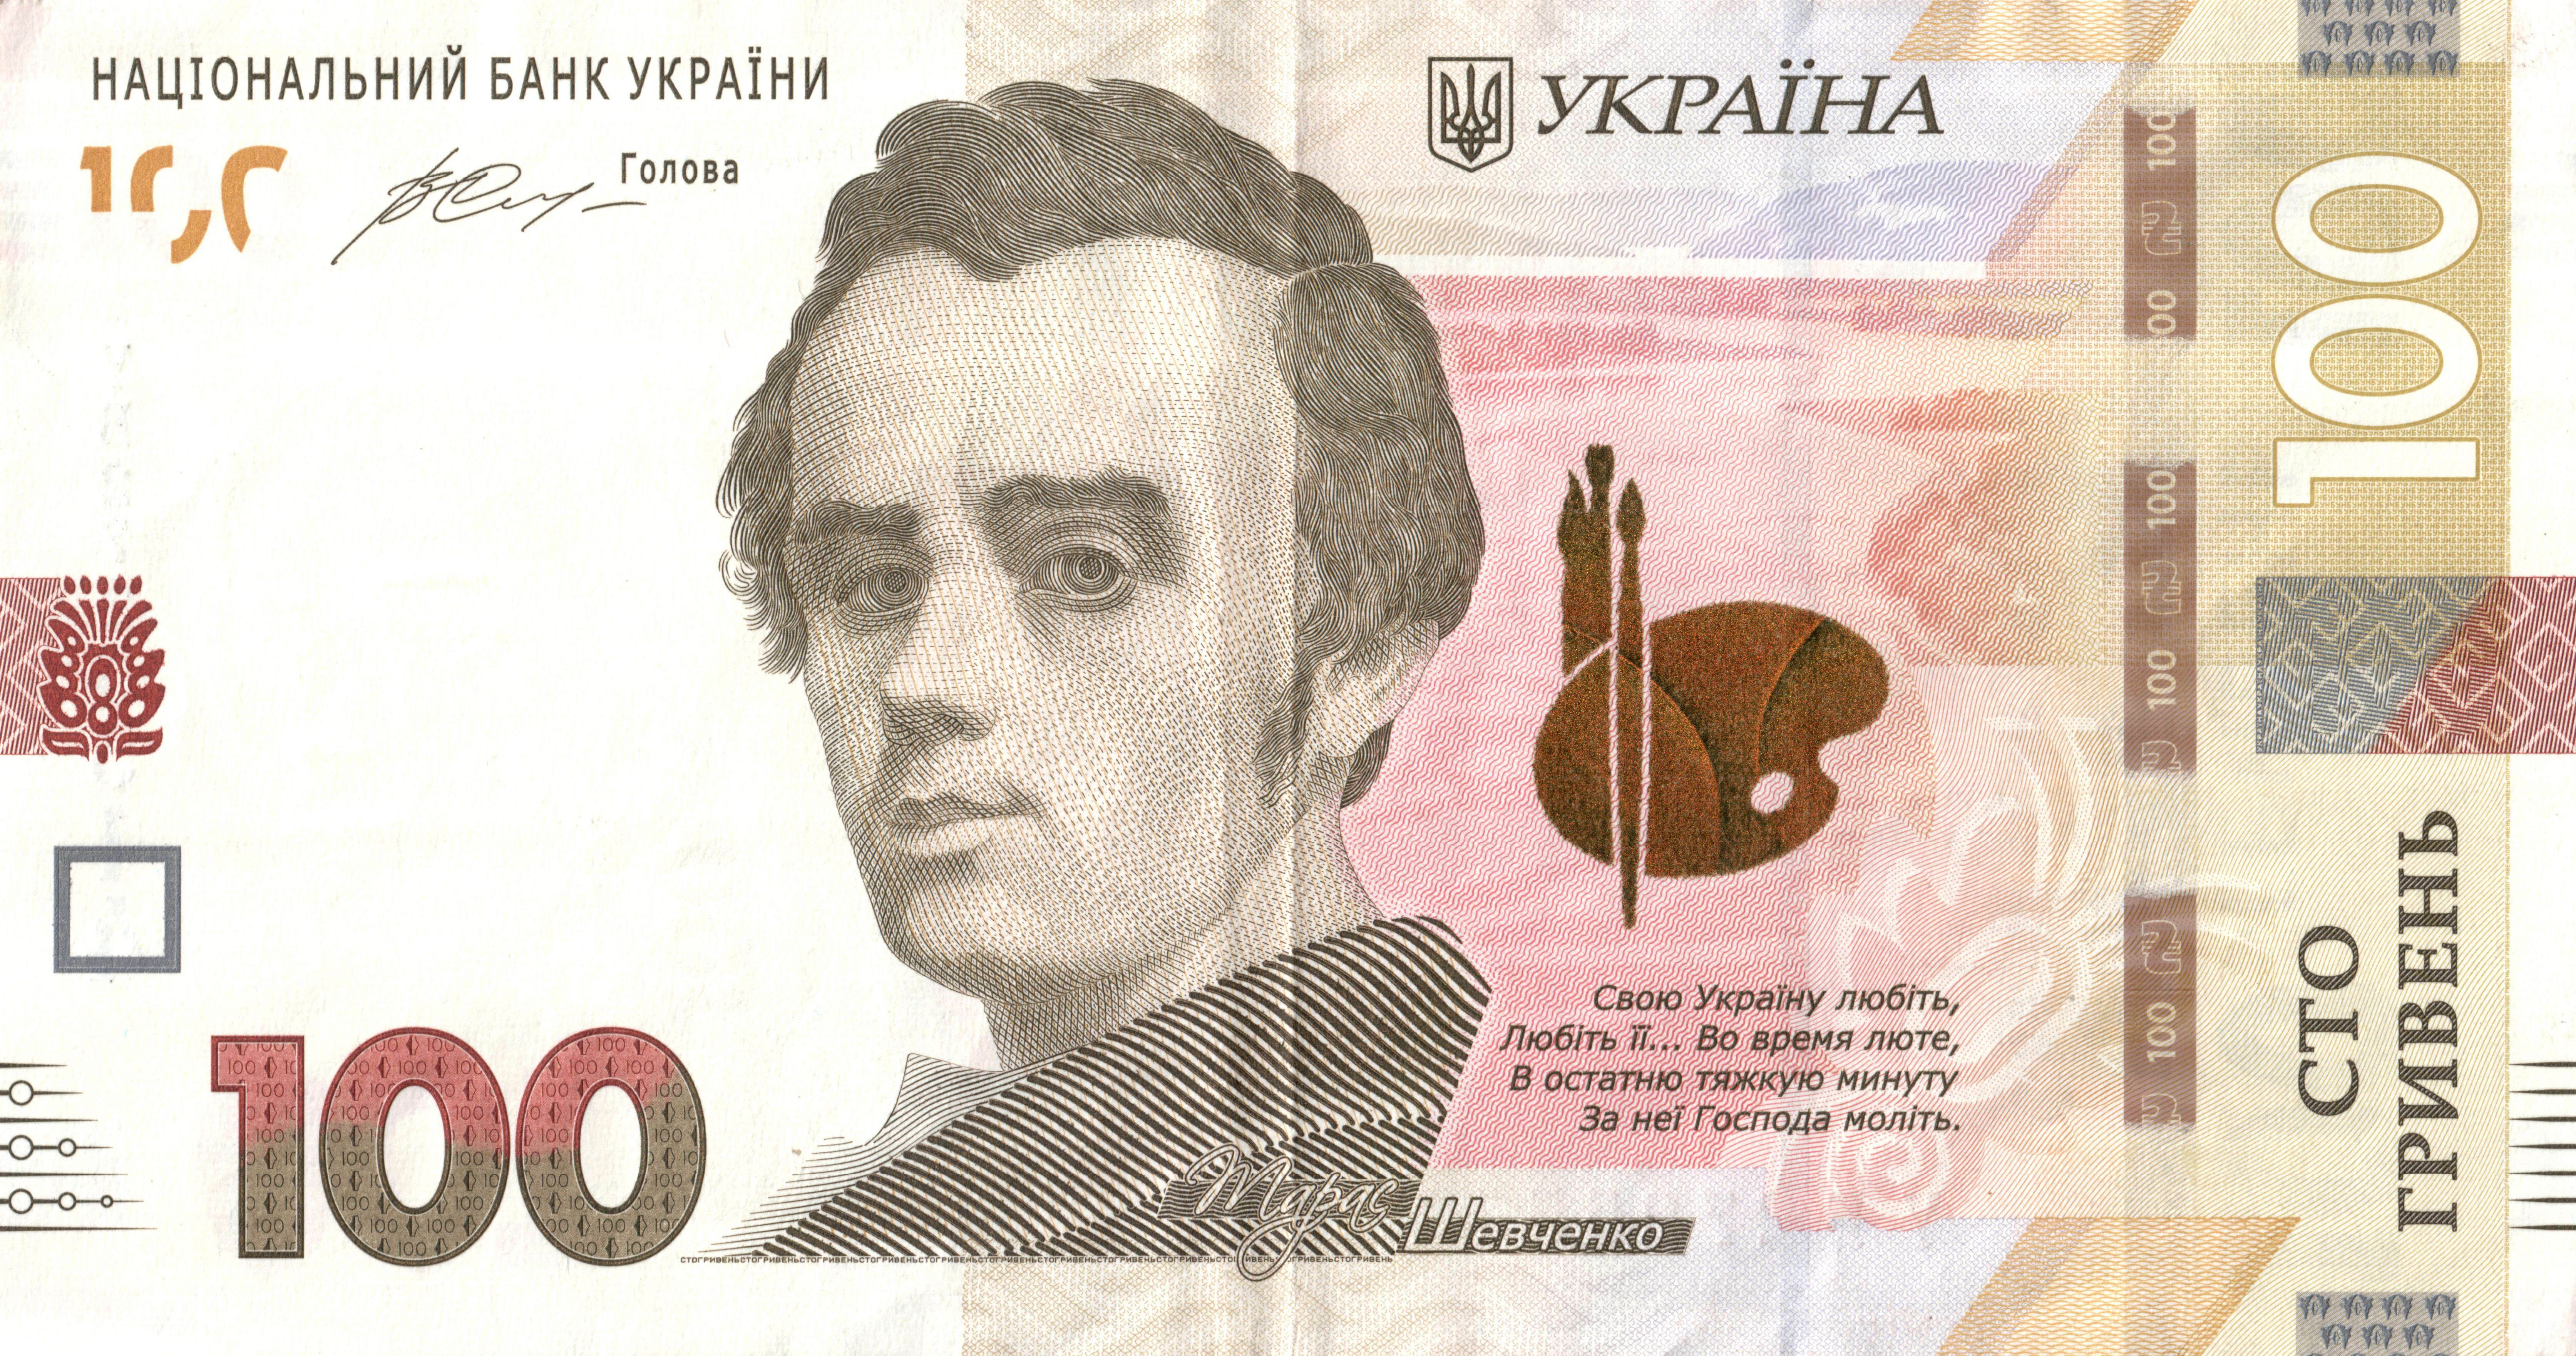 تصویر گریونی - پول اوکراین